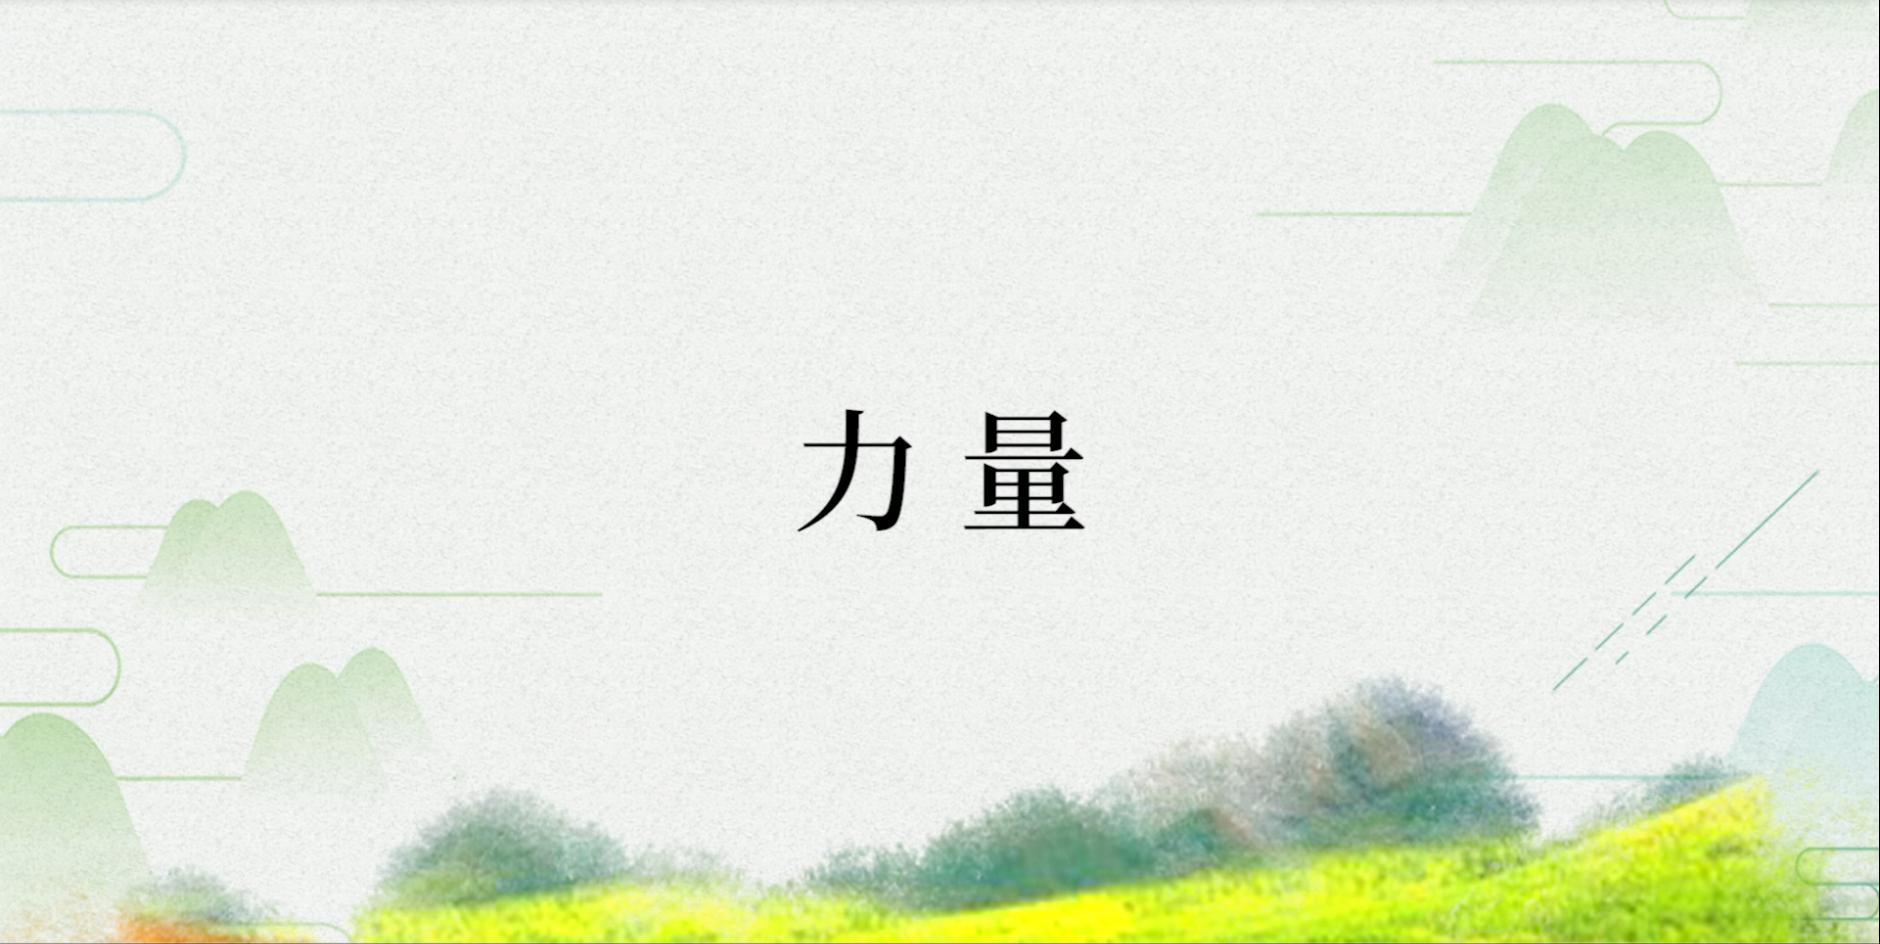 农民日报专题纪录片《见证摆脱贫困》第四集:力量